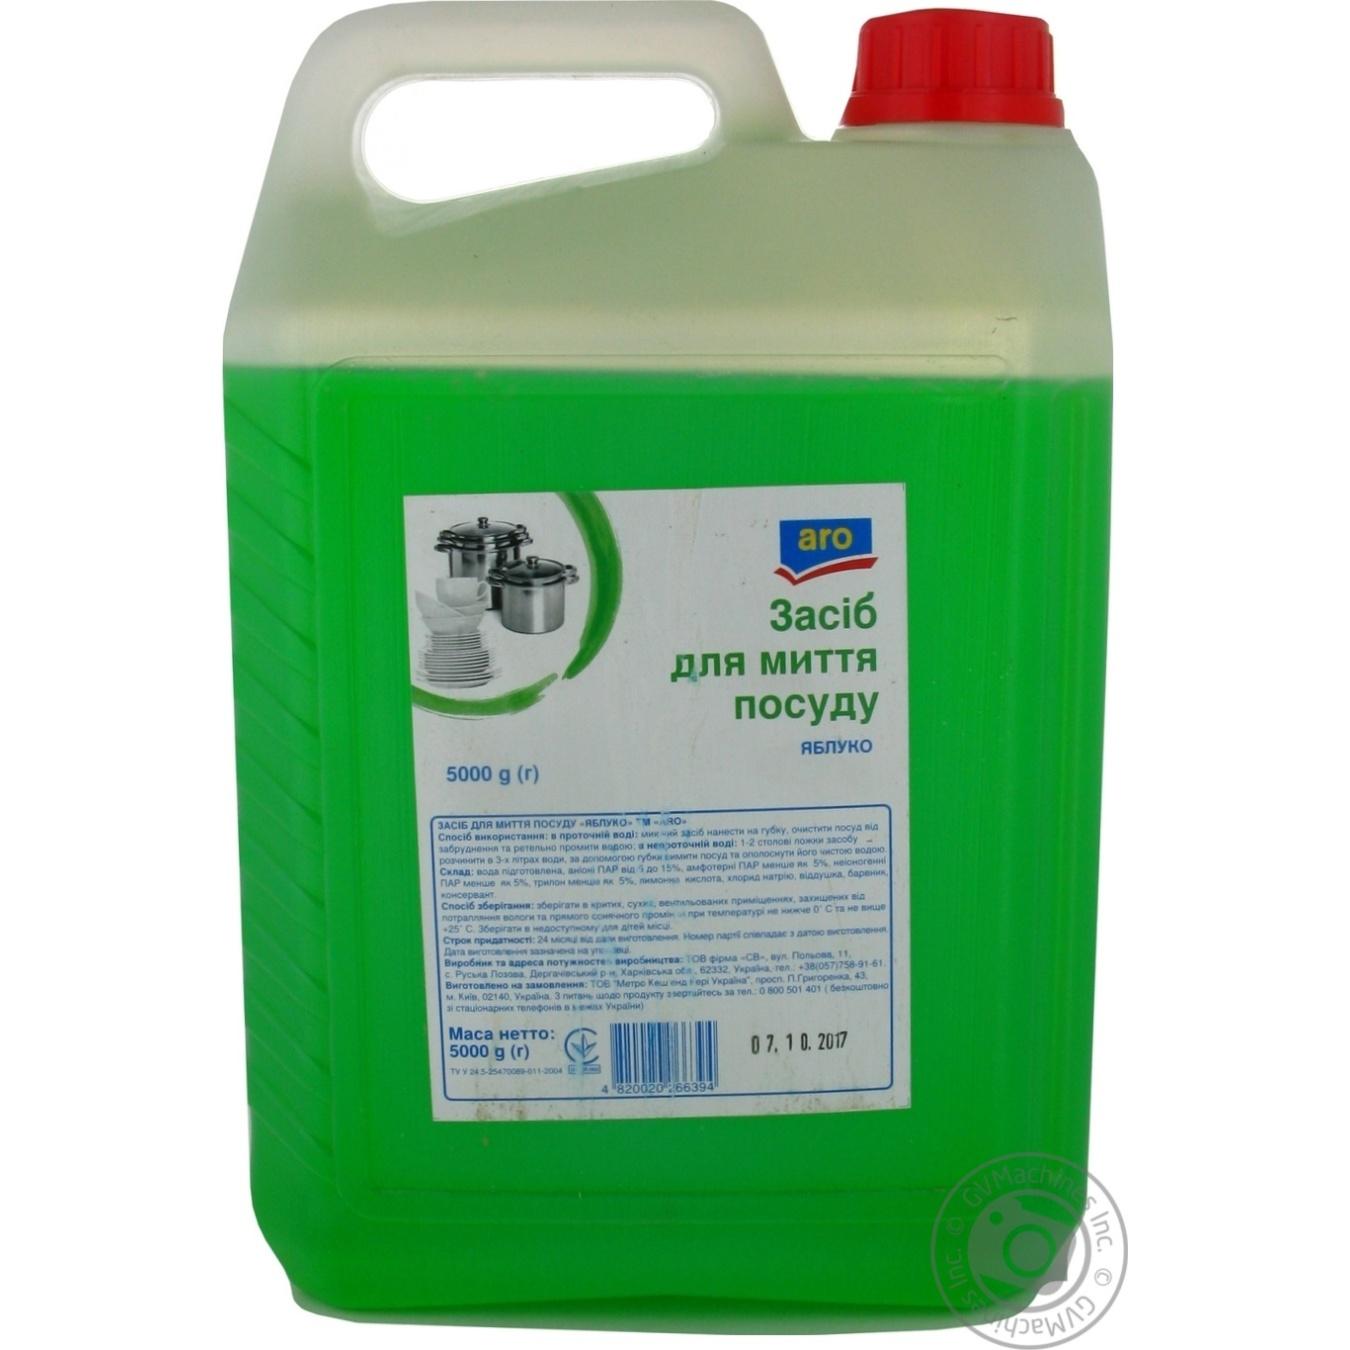 Средство Фейри зеленое яблоко для мытья посуды 1000мл — жидкие средства —  Metro Интернет Магазин a16a4d073fc31